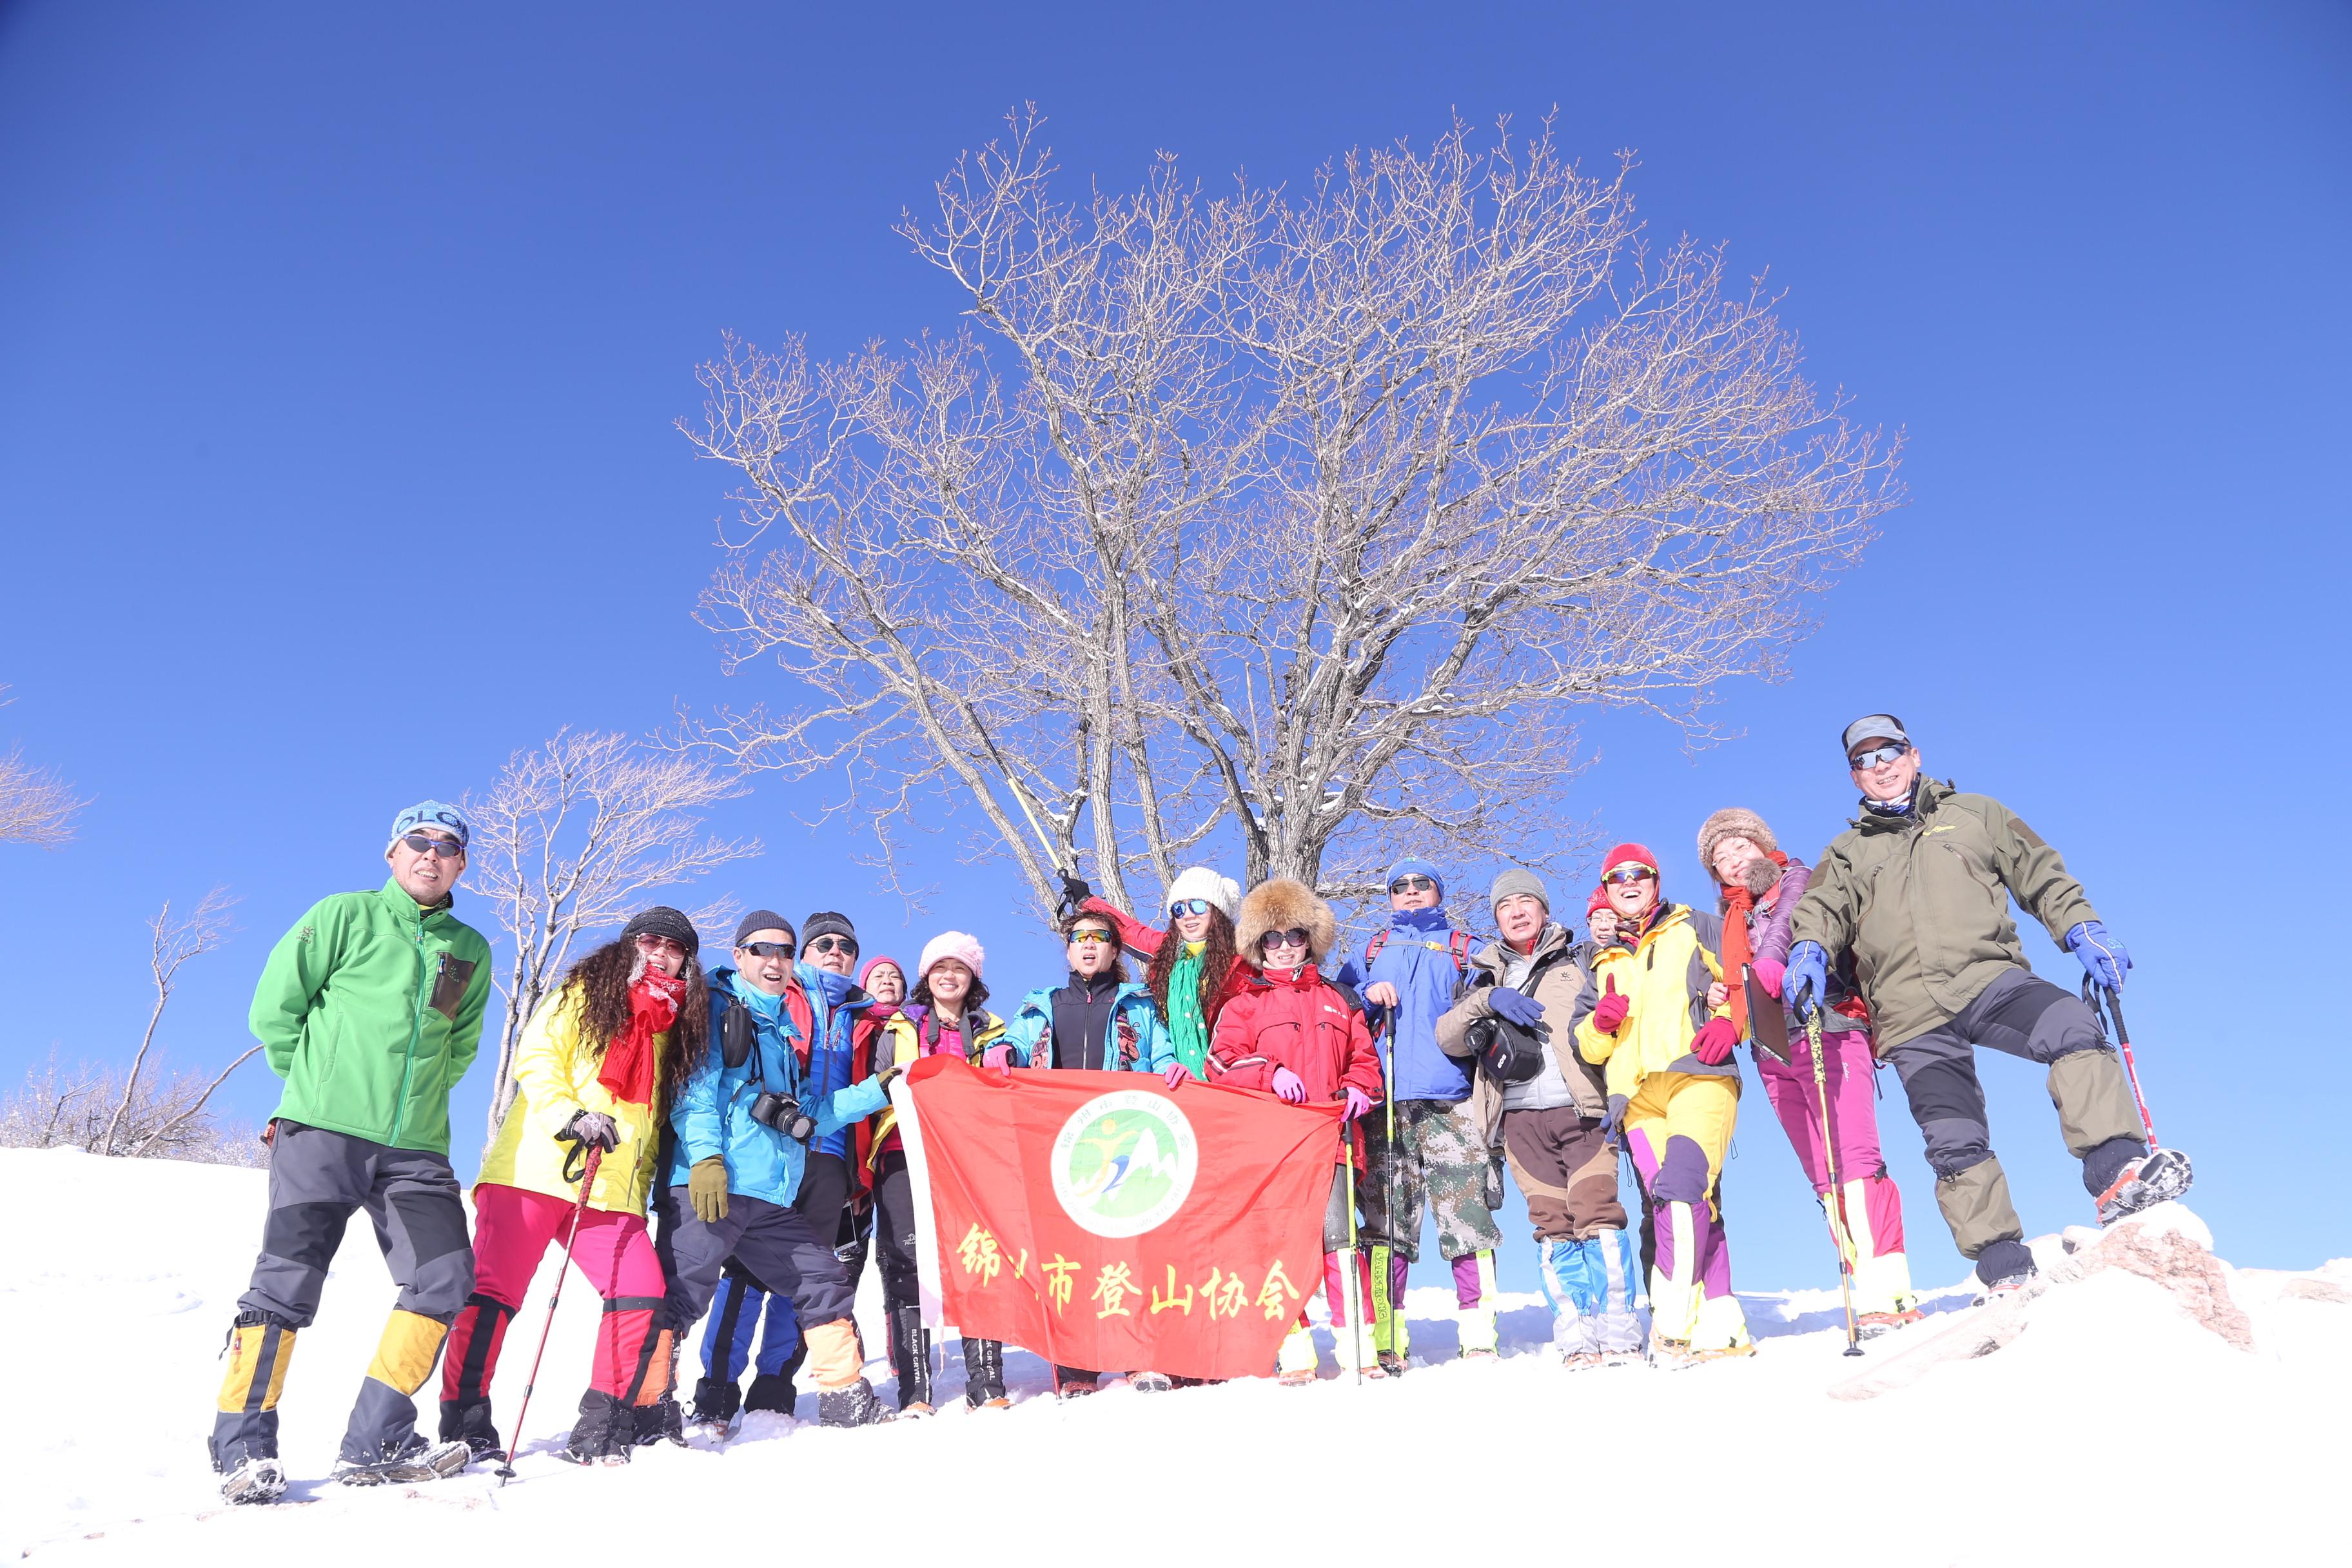 锦州市登山协会第三届年会